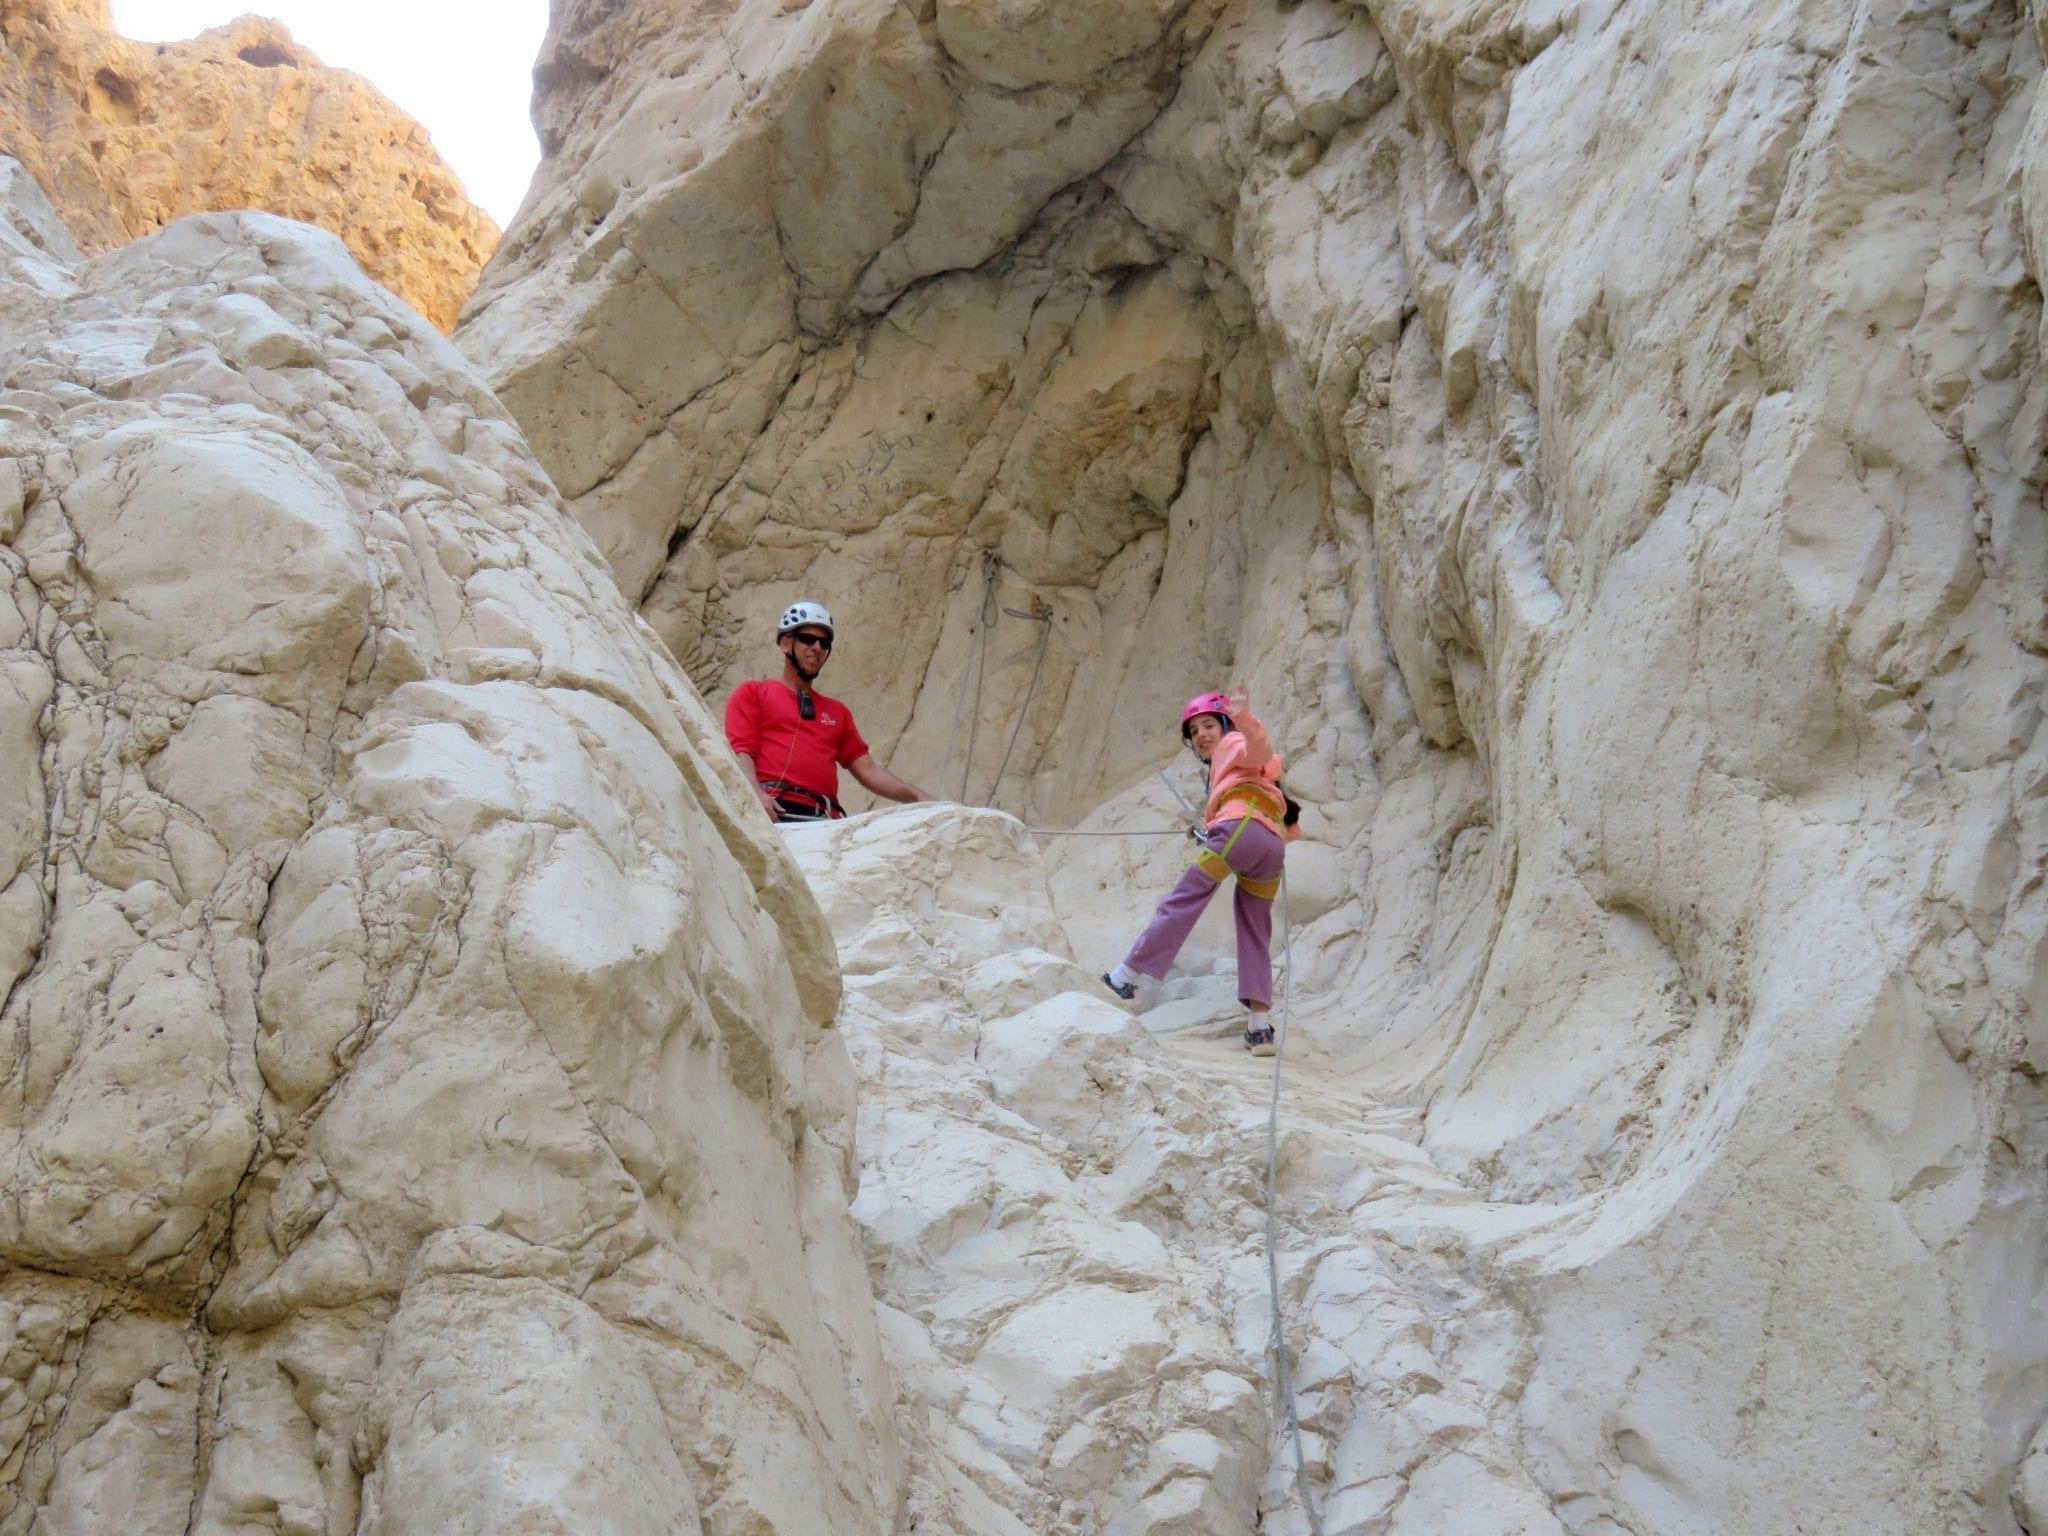 סנפלינג רחף עליון מפל ראשון - ערוצים בטבע